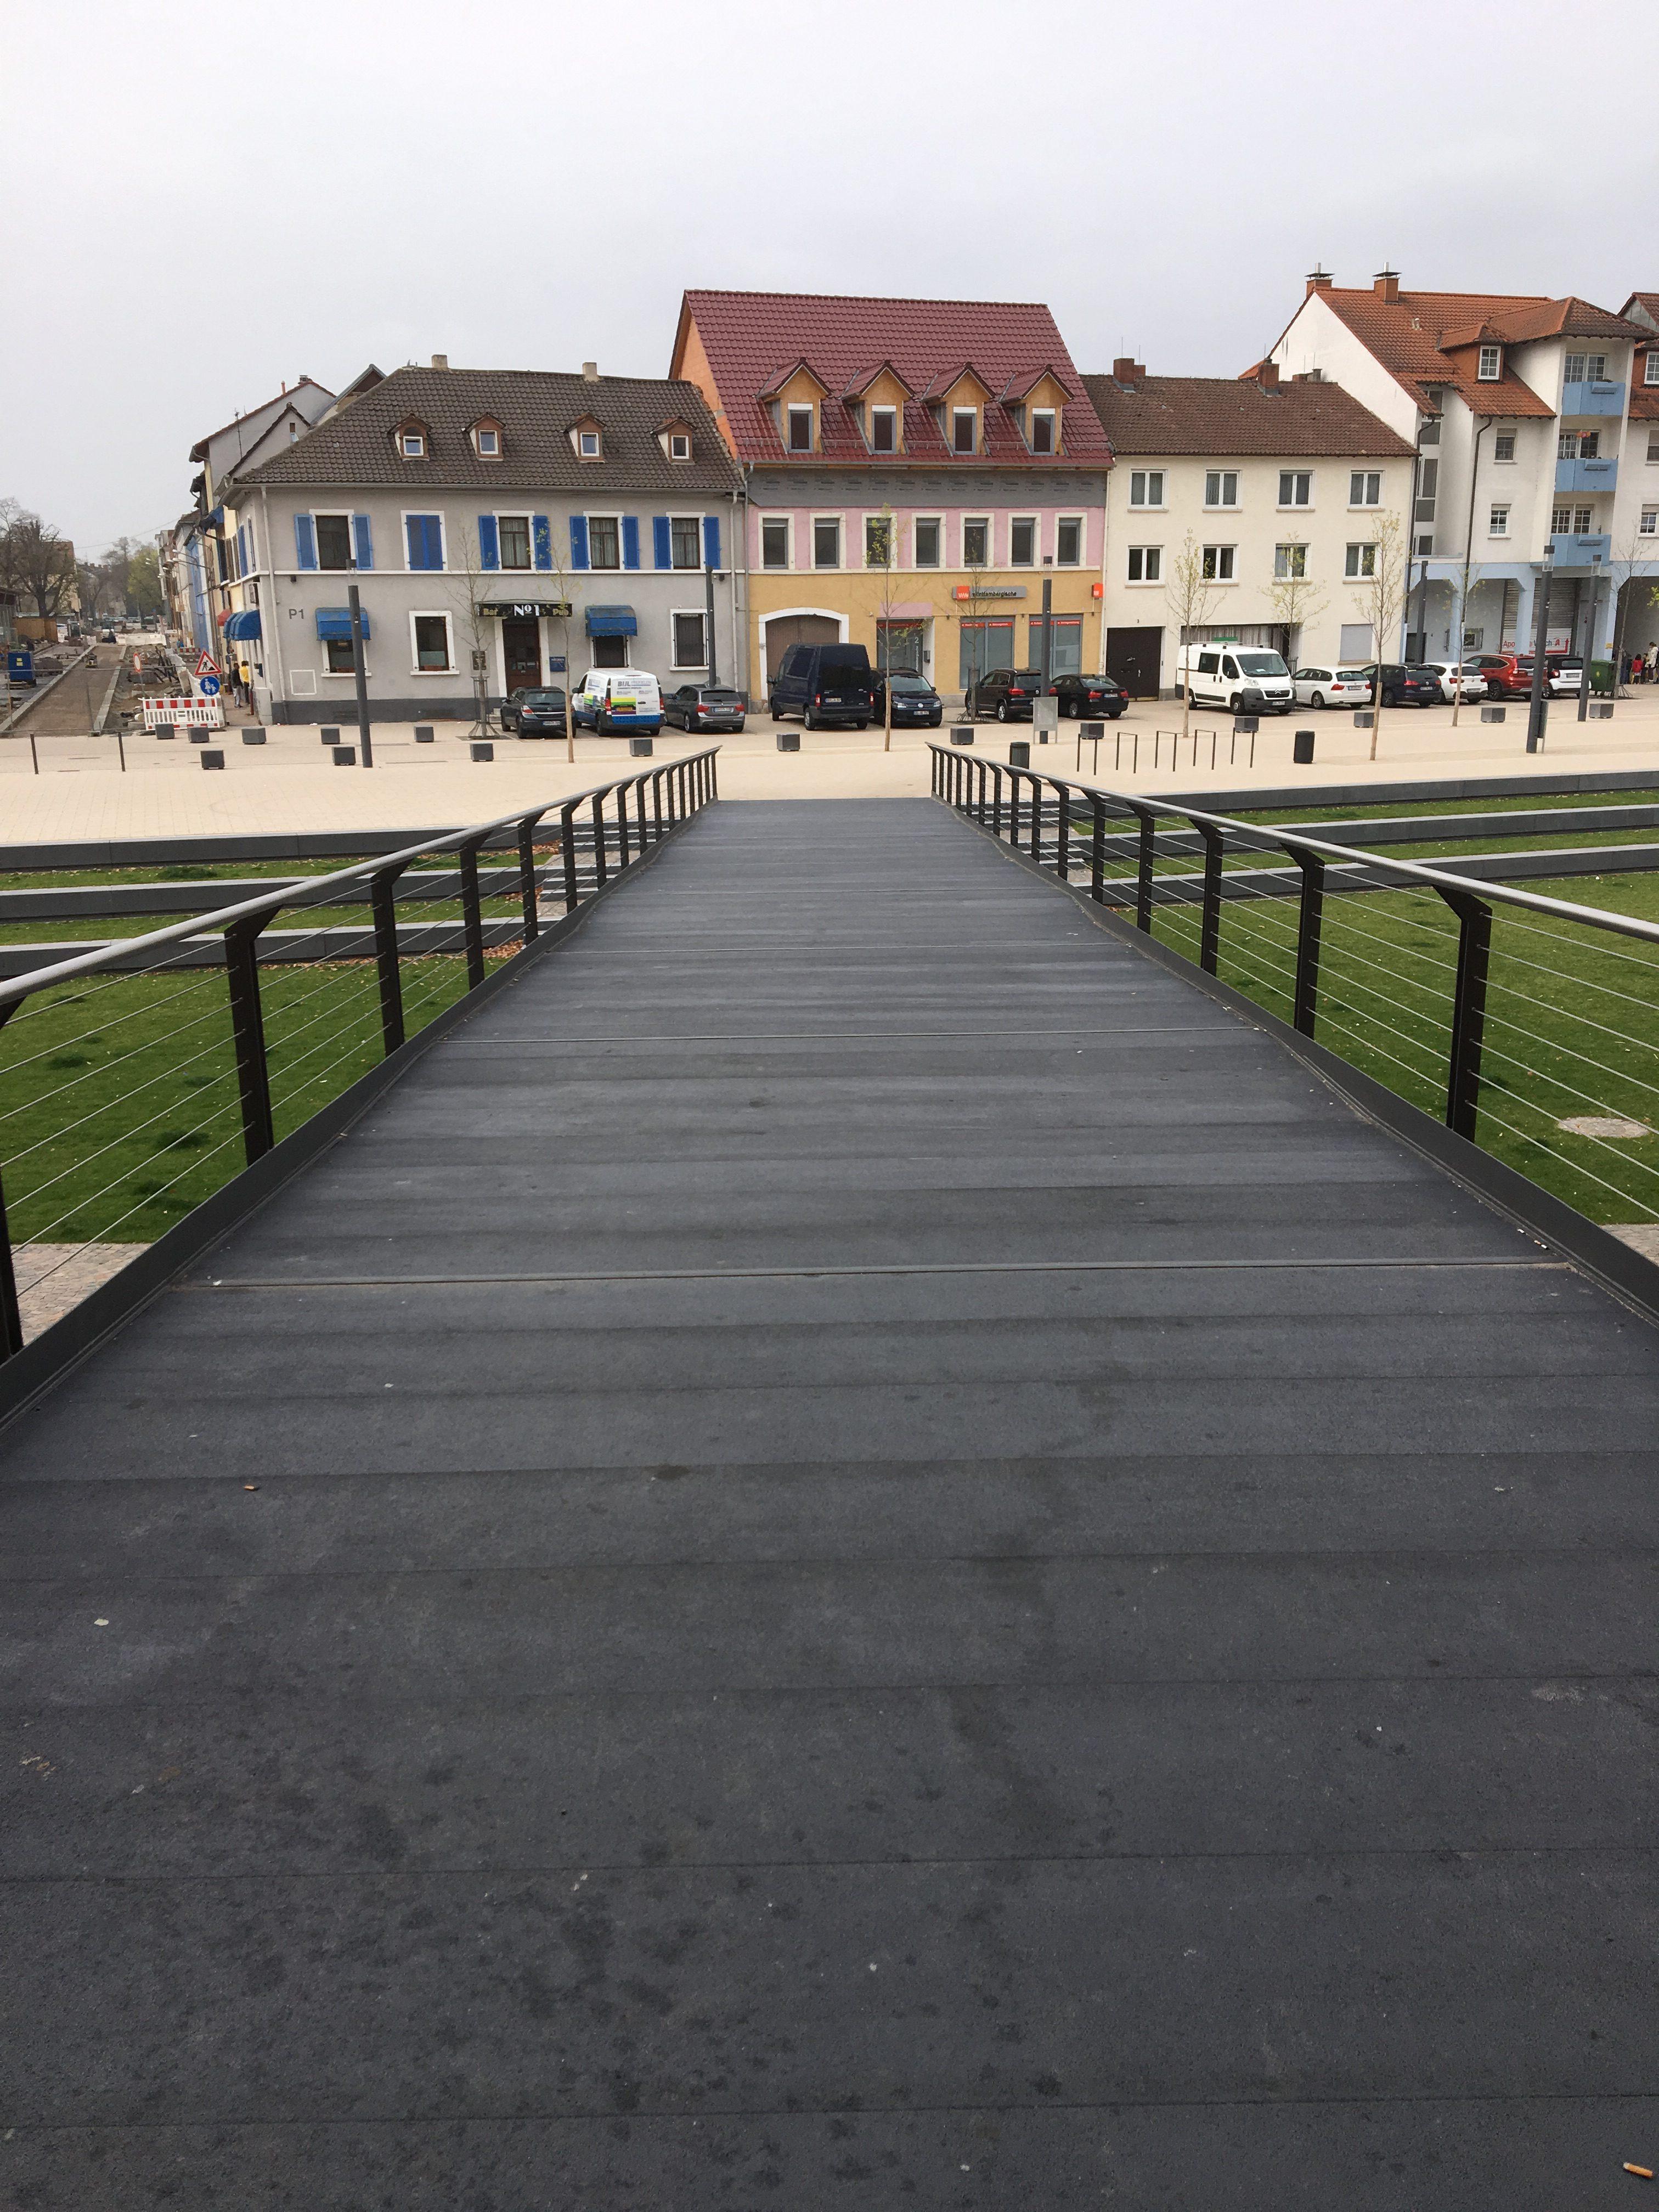 Brug op het paradeplein - GVK brugdekplank